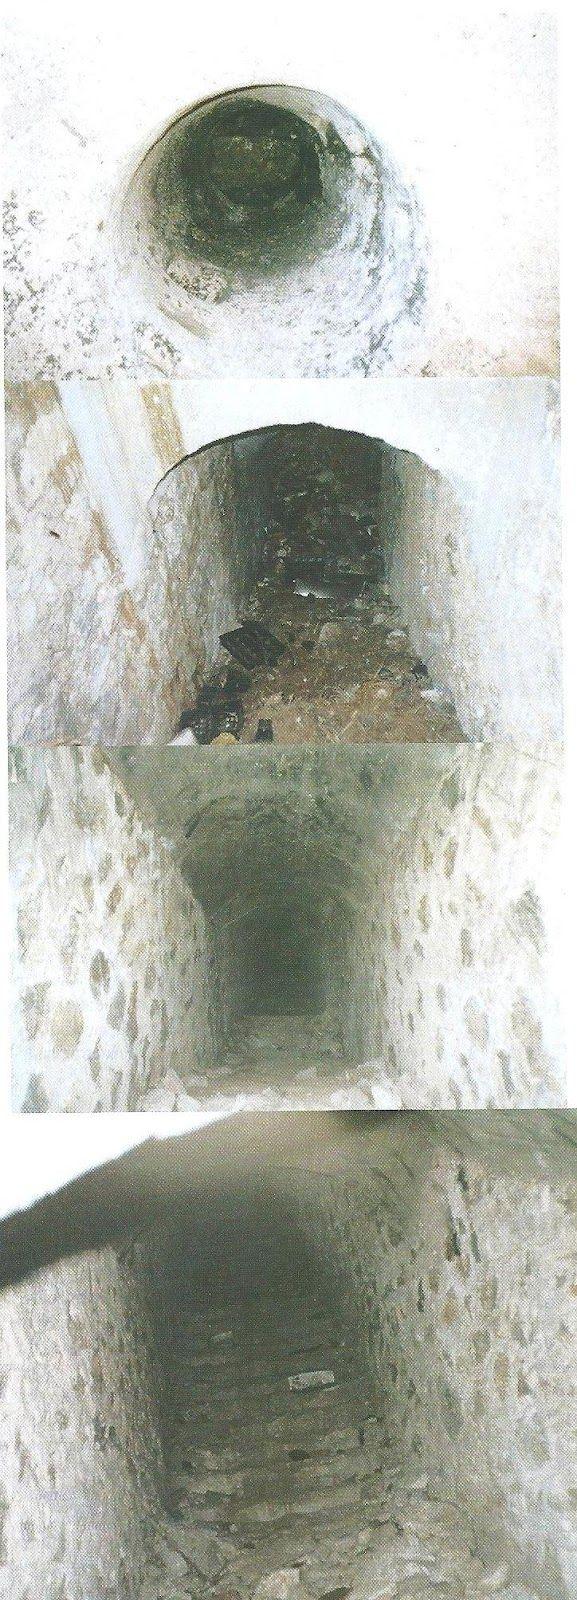 ΠΑΡΑΞΕΝΟ Ο άγνωστος υπόγειος Πειραιάς! - ΠΑΡΑΞΕΝΟ